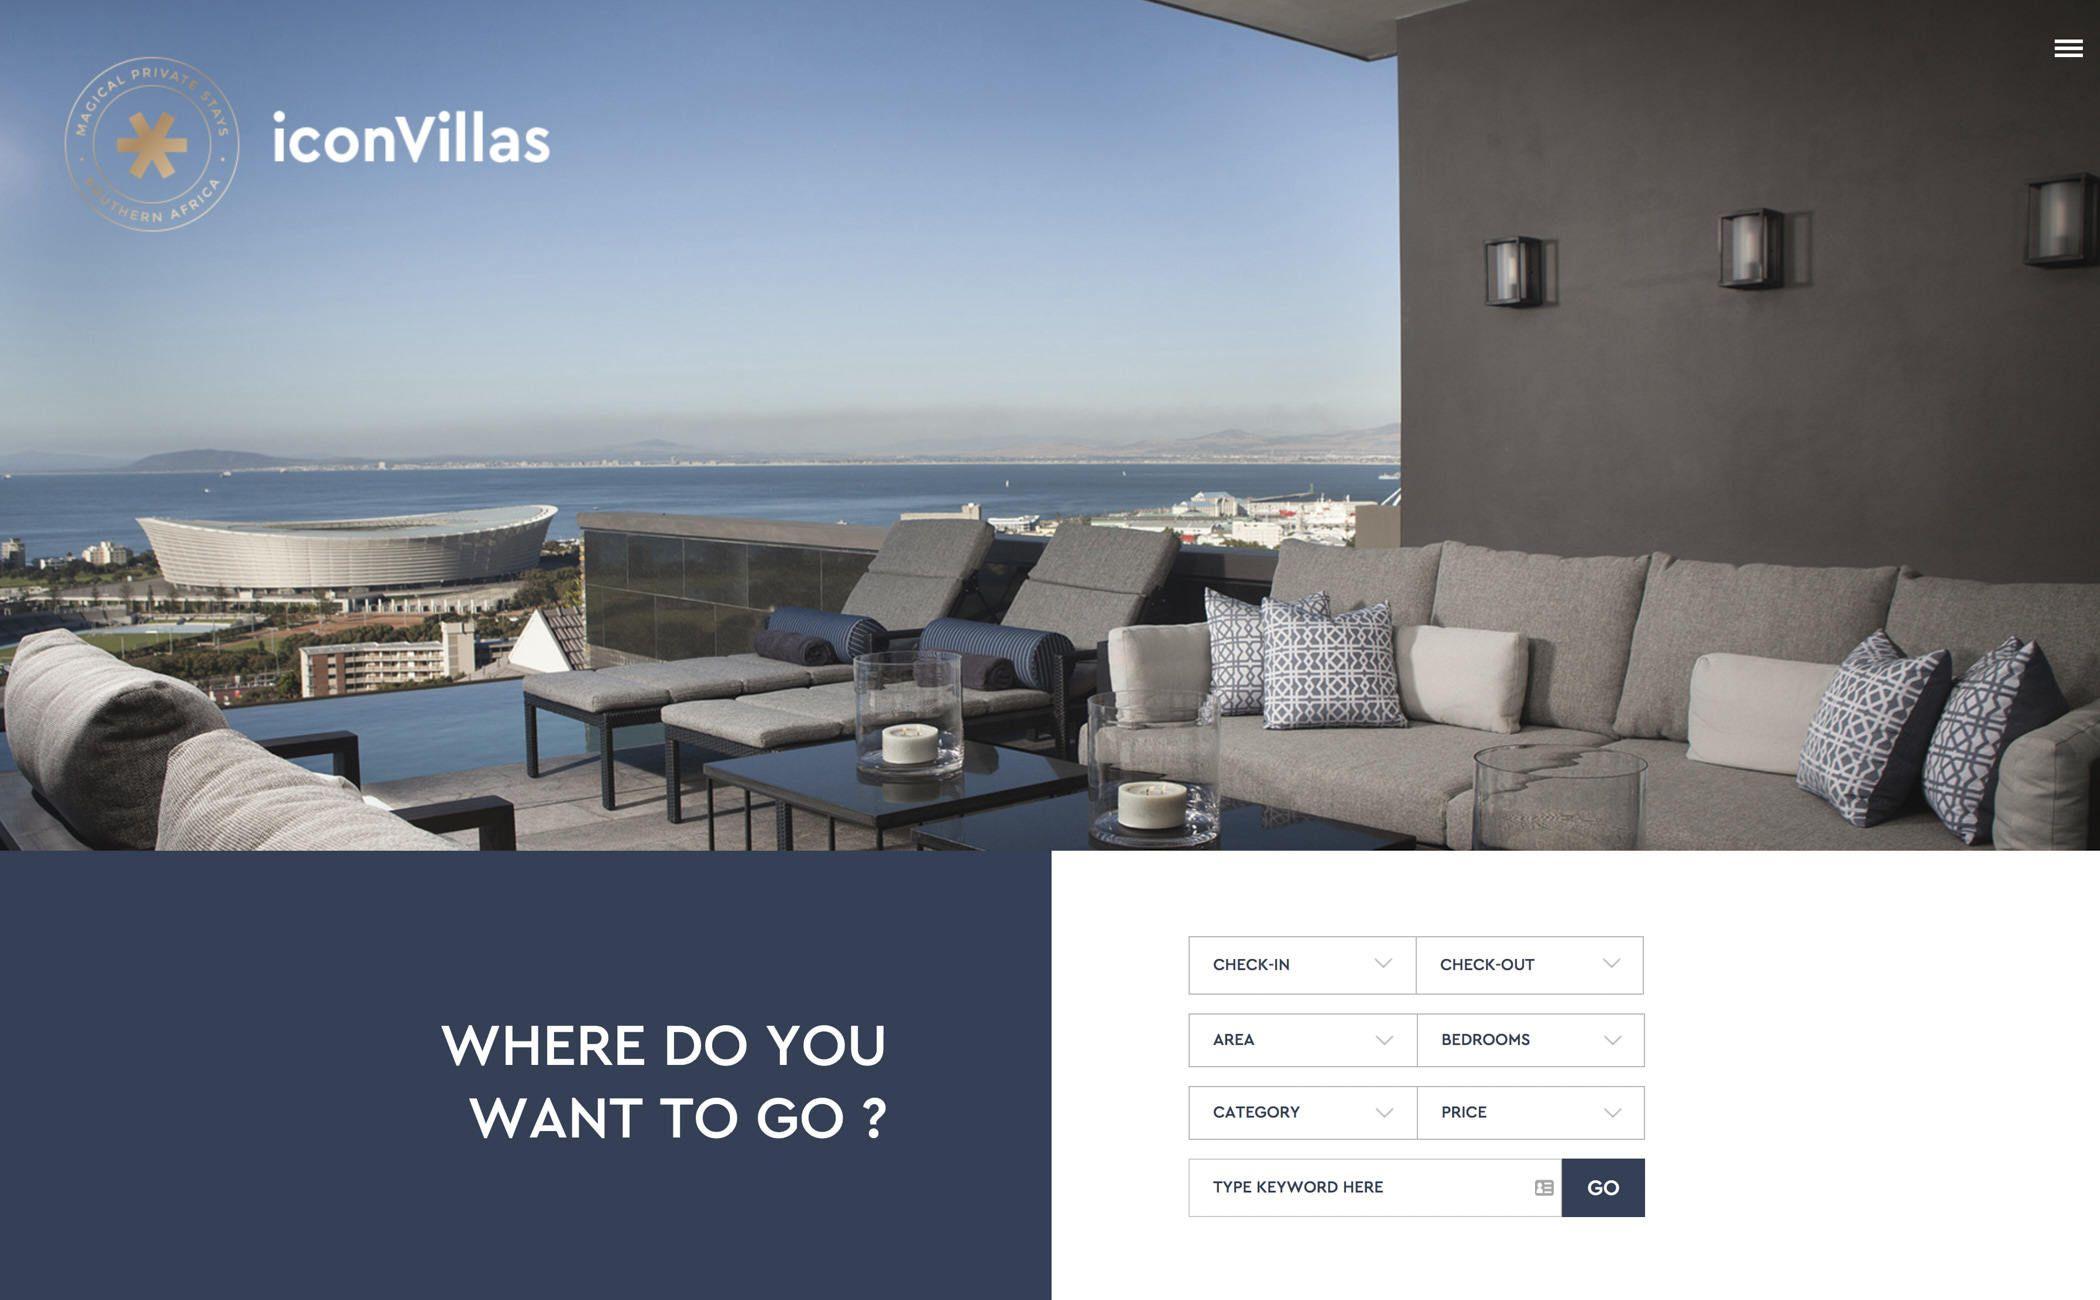 Icon Villas Design, Web design inspiration, Design